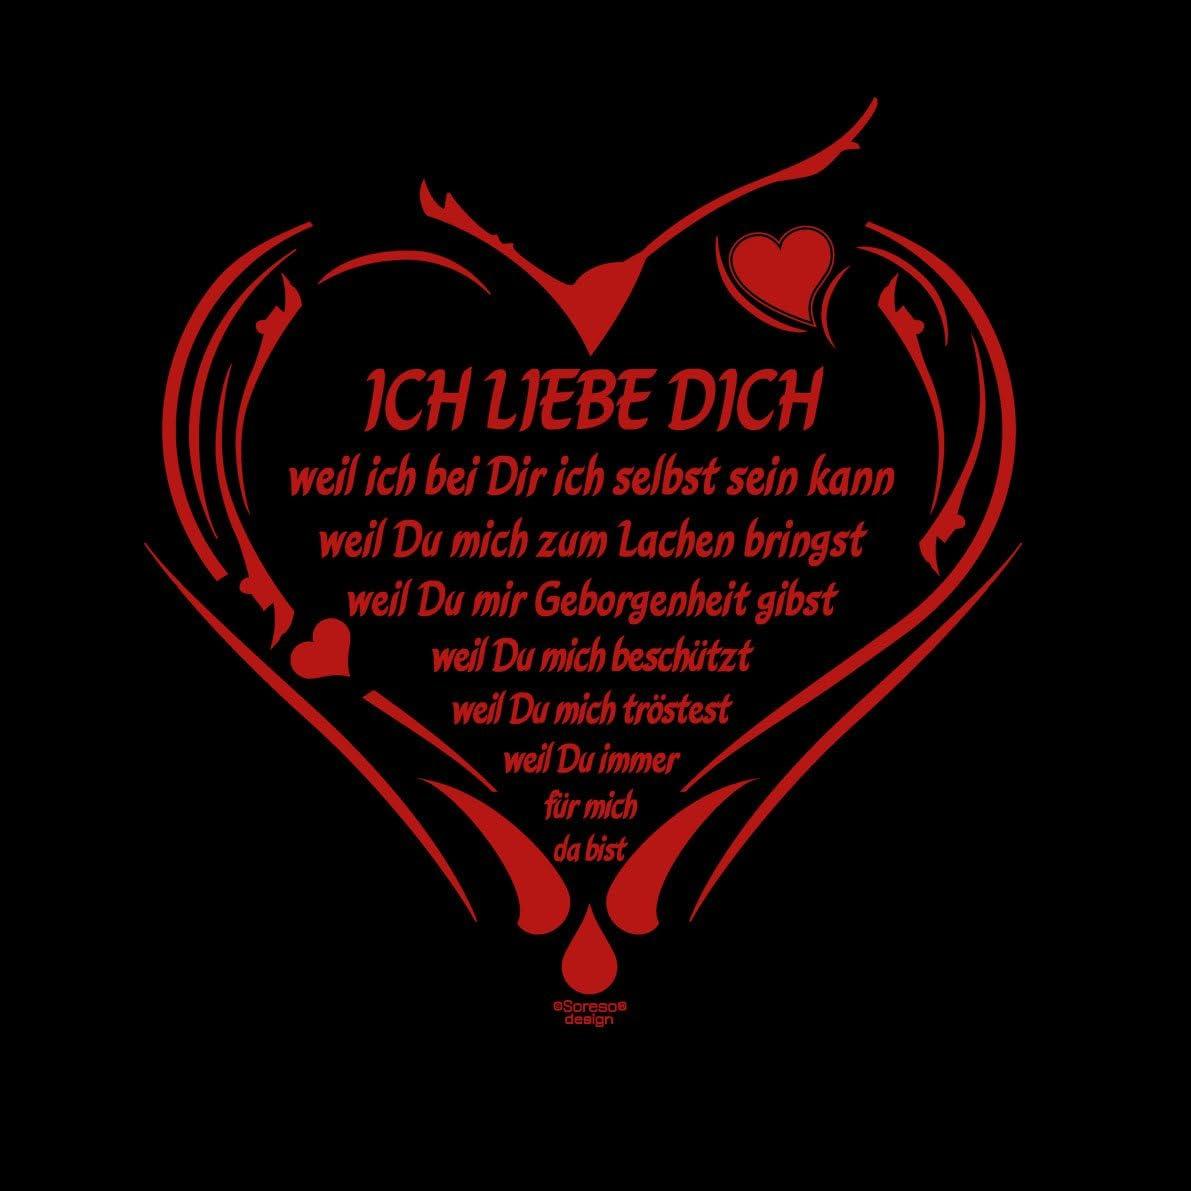 Soreso Design Ich Liebe Dich Kissen Inkl Fullung Romantische